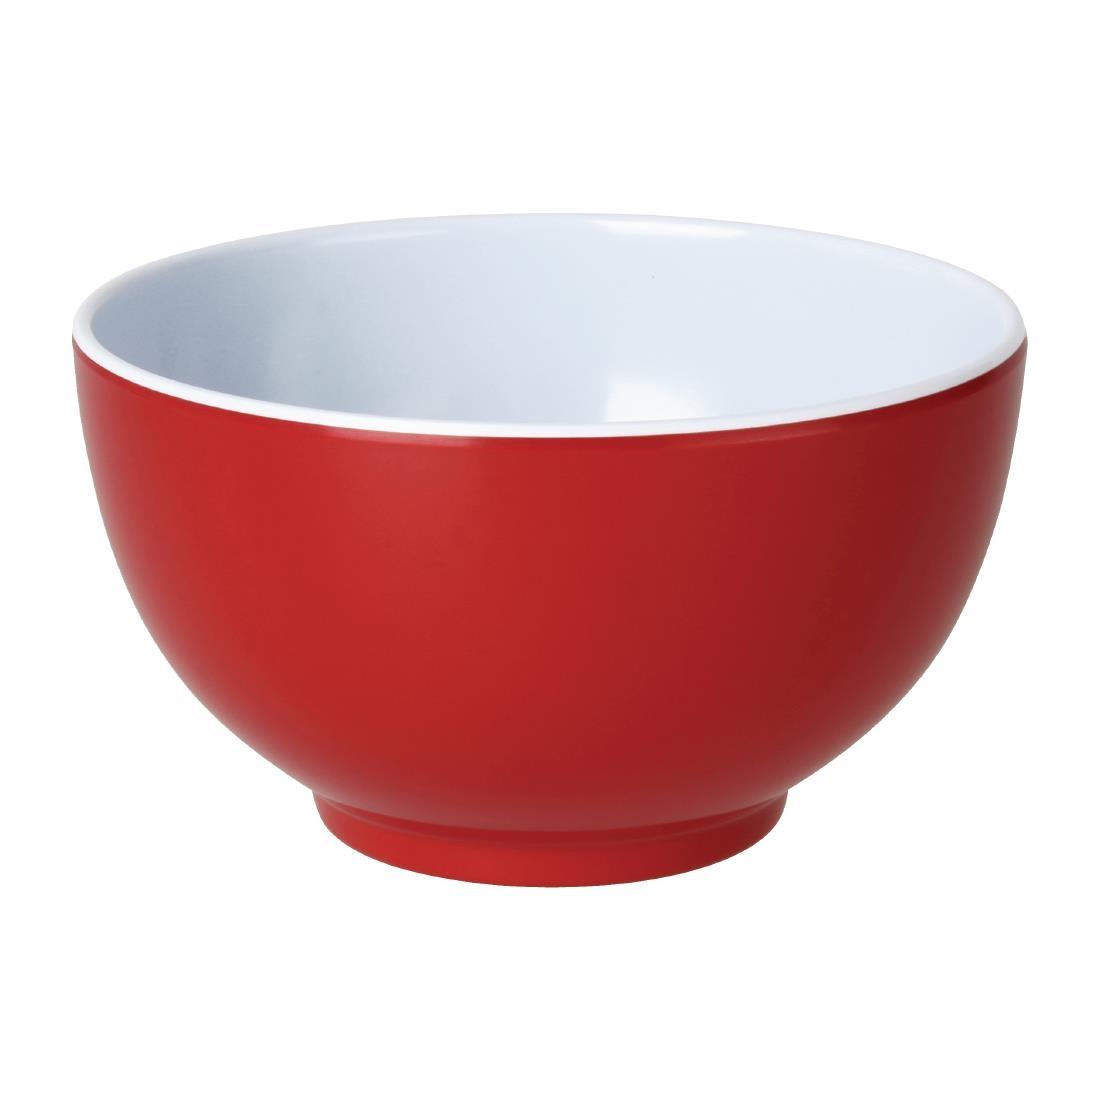 Gala Bowl - Red